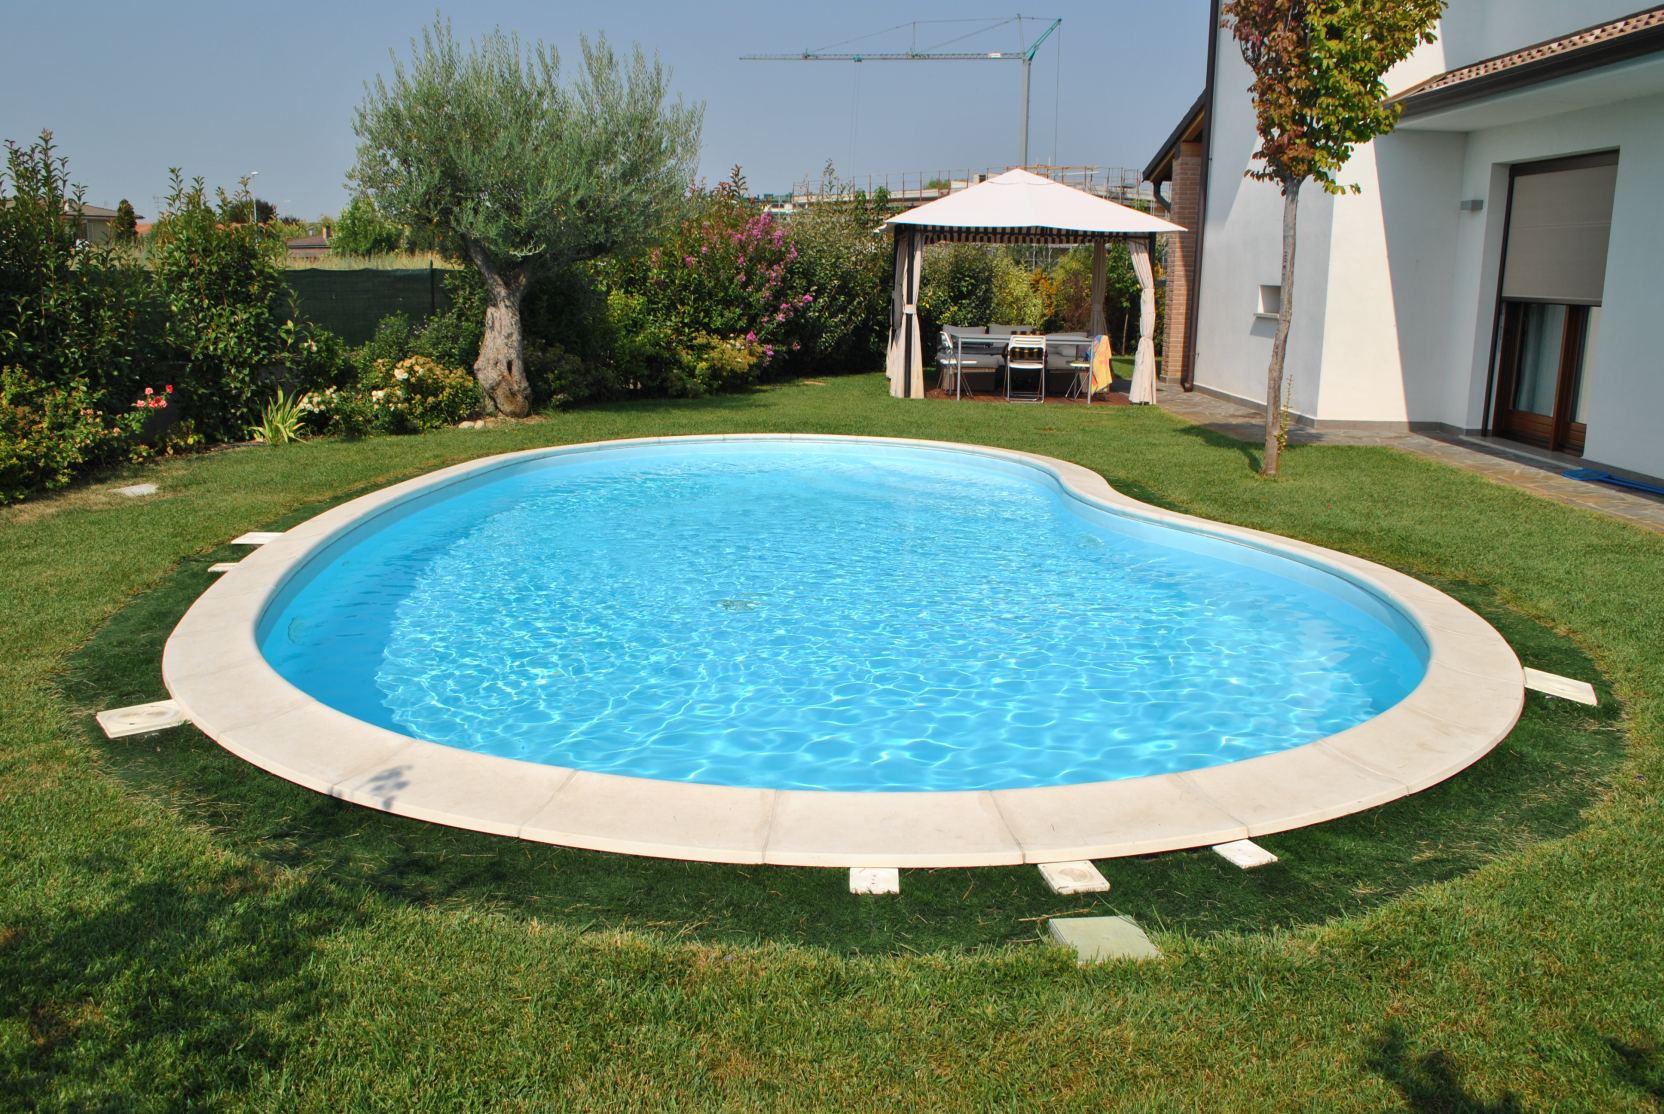 Costruttori Piscine Mantova #2309  msyte.com Idee e foto di ispirazione per la tua idea ...